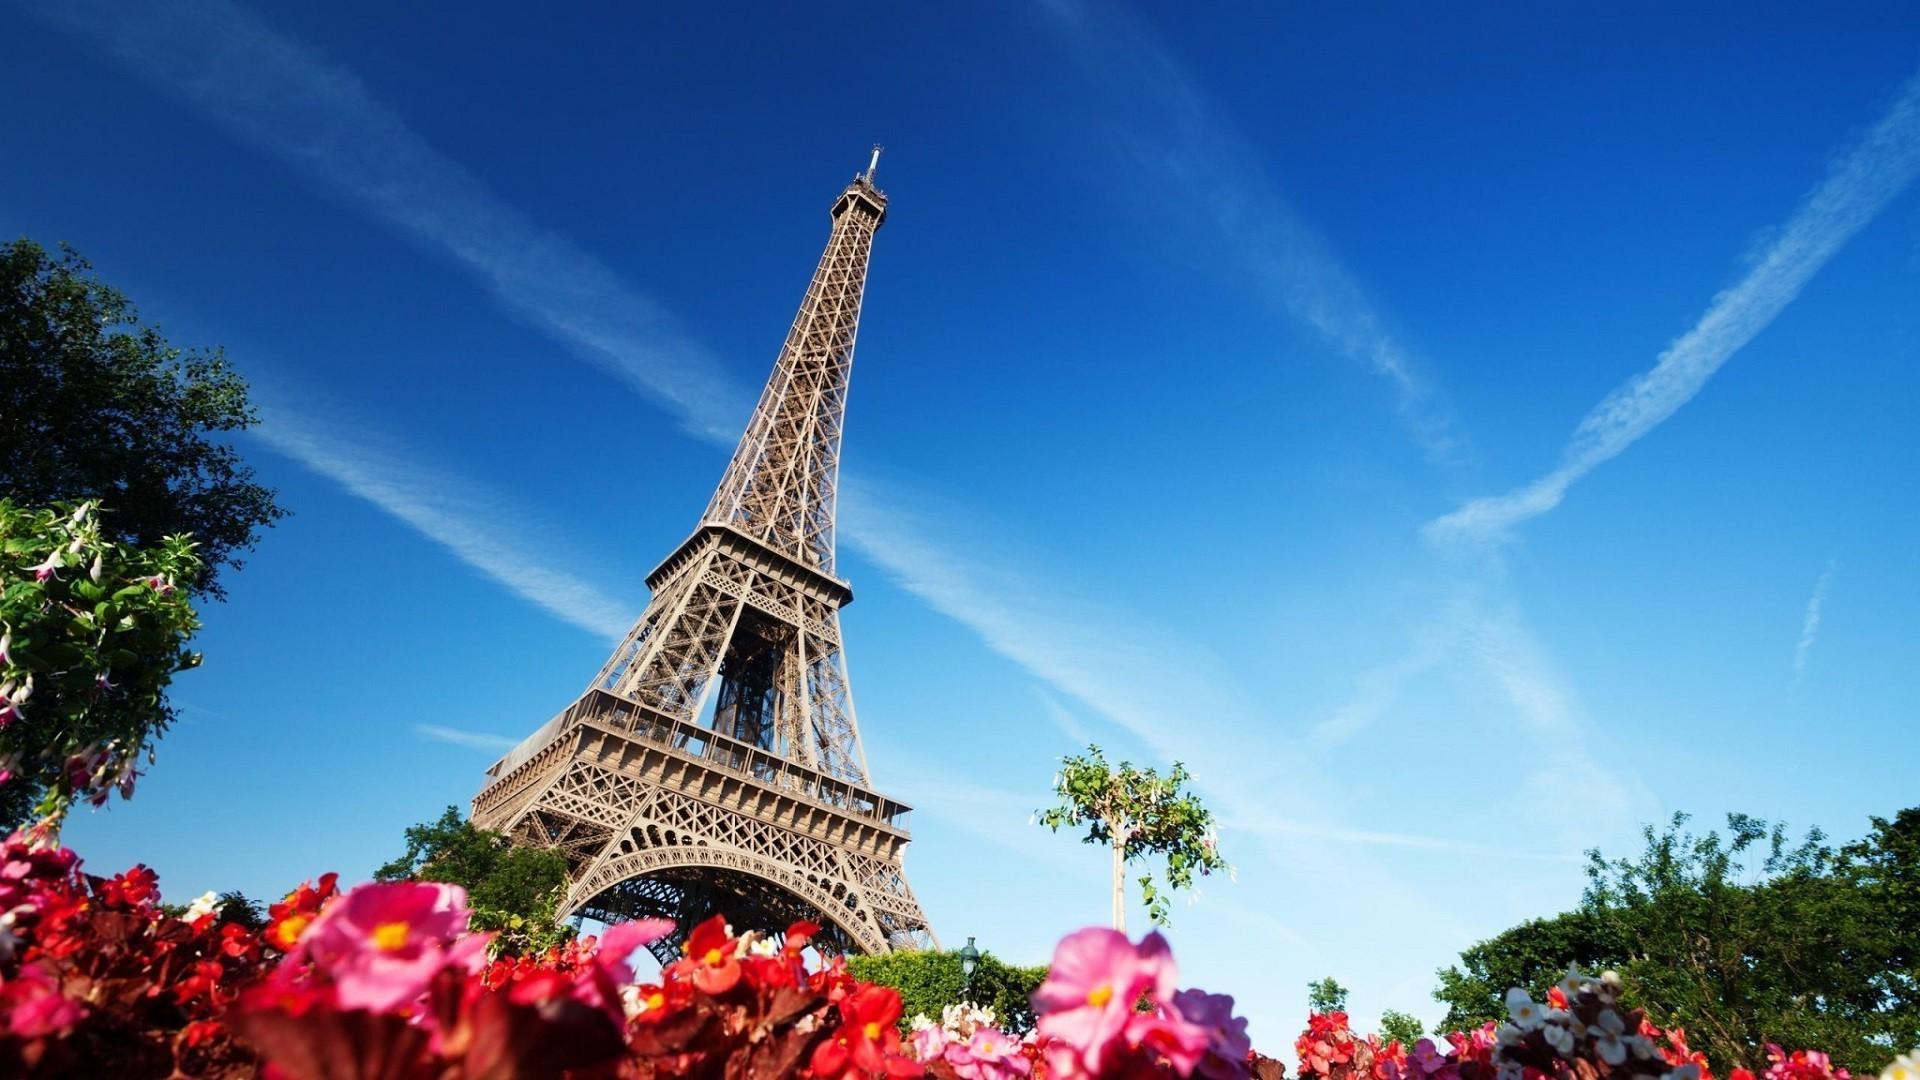 Paris desktop wallpaper hd 71 images for Eiffel architect